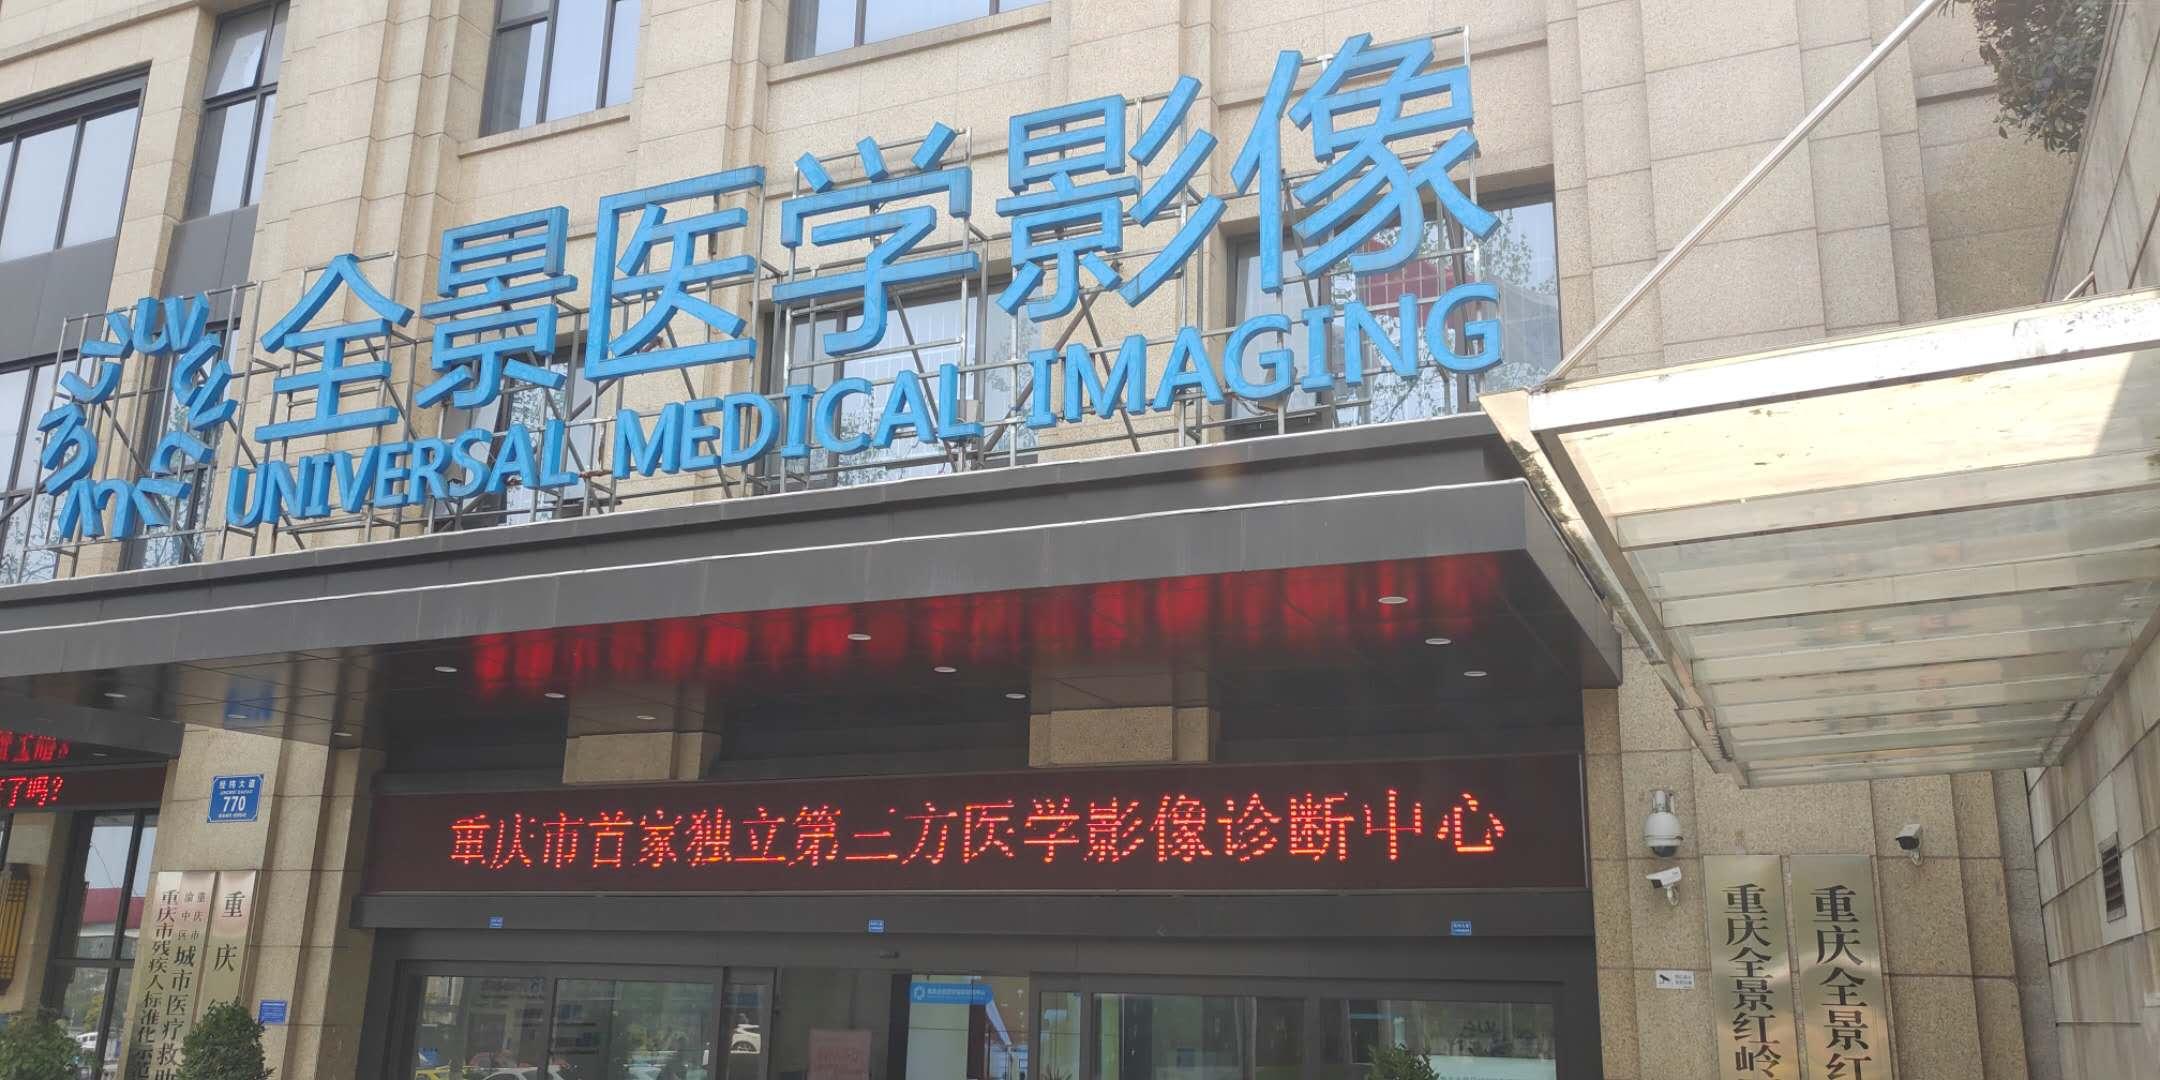 重庆全景医学影像诊断PETCT/PETMR中心